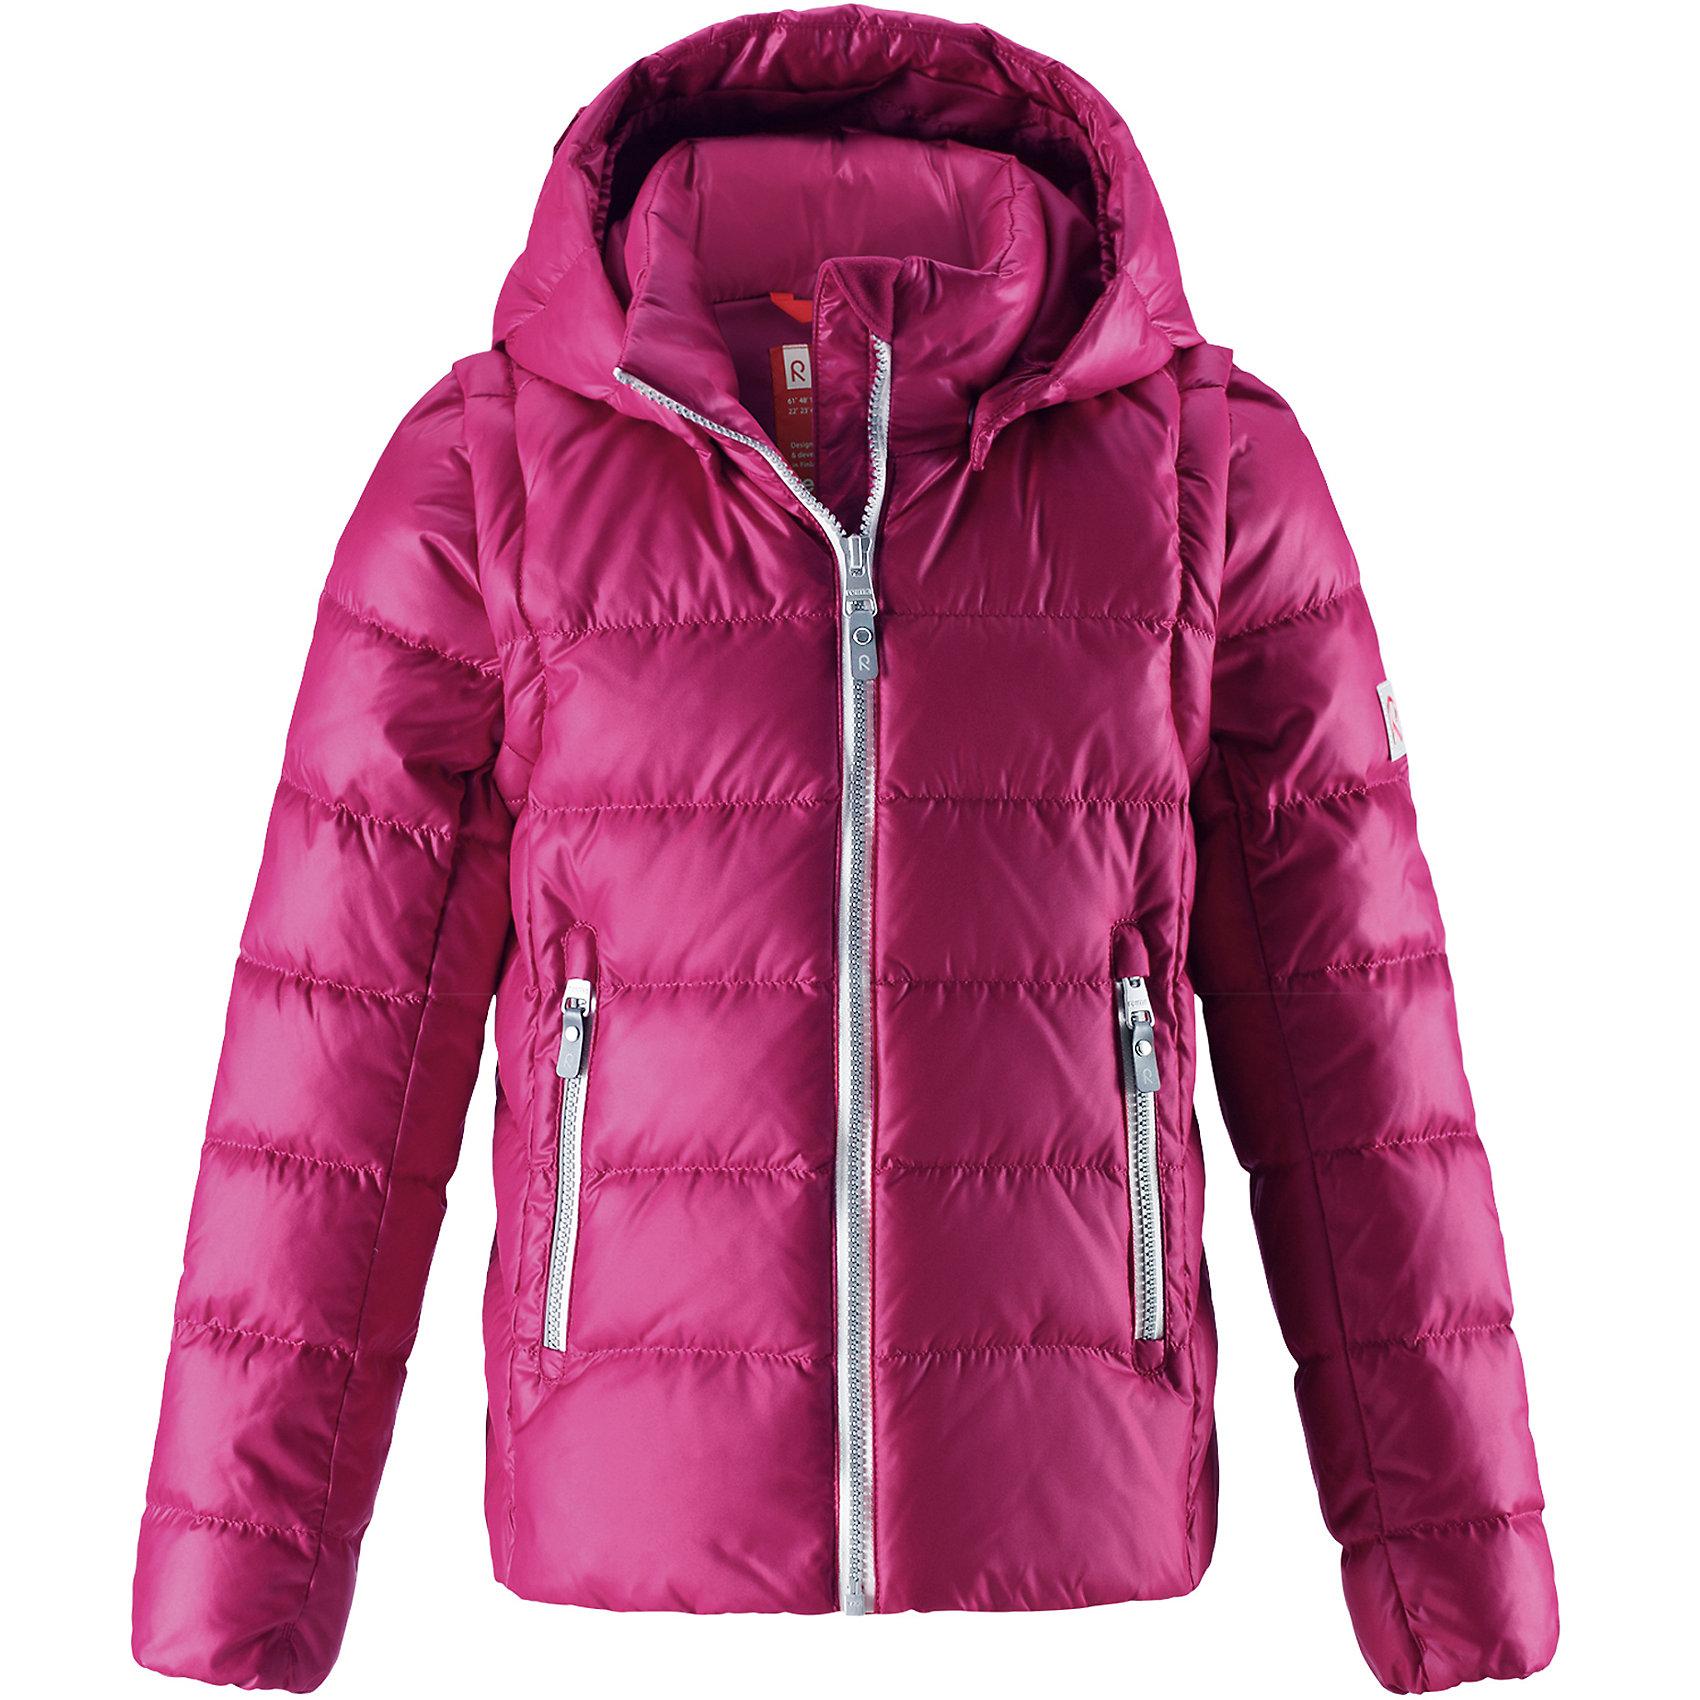 Куртка Reima Minna для девочкиОдежда<br>Характеристики товара:<br><br>• цвет: розовый;<br>• состав: 100% полиамид;<br>• подкладка: 100% полиэстер;<br>• утеплитель: 60% пух, 40% перо;<br>• сезон: зима;<br>• температурный режим: от 0 до -20С;<br>• воздухопроницаемость: 3000 мм;<br>• пуховая куртка для подростков;<br>• водоотталкивающий, ветронепроницаемый и дышащий материал;<br>• гладкая подкладка из полиэстера;<br>• безопасный, съемный капюшон;<br>• отстегивающиеся рукава на молнии;<br>• два боковых кармана;<br>• светоотражающие детали;<br>• страна бренда: Финляндия;<br>• страна изготовитель: Китай.<br><br>Очень легкая, но при этом теплая и практичная слегка удлиненная куртка для подростков в одно мгновение превращается в жилетку. Эта практичная куртка снабжена утеплителем пух/перо (60/40%). Куртку с гладкой подкладкой из полиэстера легко надевать и очень удобно носить. В теплую погоду стоит лишь отстегнуть рукава, и куртка превратится в жилетку. Наденьте ее с удобной кофтой, и у вас получится модный и стильный наряд. <br><br>А когда на улице похолодает, жилетку можно поддевать в качестве промежуточного слоя. Куртка оснащена съемным капюшоном, что обеспечивает дополнительную безопасность во время активных прогулок – капюшон легко отстегивается, если случайно за что-нибудь зацепится. Есть два кармана на молнии для мобильного телефона и других ценных мелочей. Эту модель для девочек довершают практичные детали: длинная молния высокого качества и светоотражающие элементы.<br><br>Куртку Minna для девочки Reima от финского бренда Reima (Рейма) можно купить в нашем интернет-магазине.<br><br>Ширина мм: 356<br>Глубина мм: 10<br>Высота мм: 245<br>Вес г: 519<br>Цвет: розовый<br>Возраст от месяцев: 36<br>Возраст до месяцев: 48<br>Пол: Женский<br>Возраст: Детский<br>Размер: 104,164,110,116,122,128,134,140,146,152,158<br>SKU: 6903028